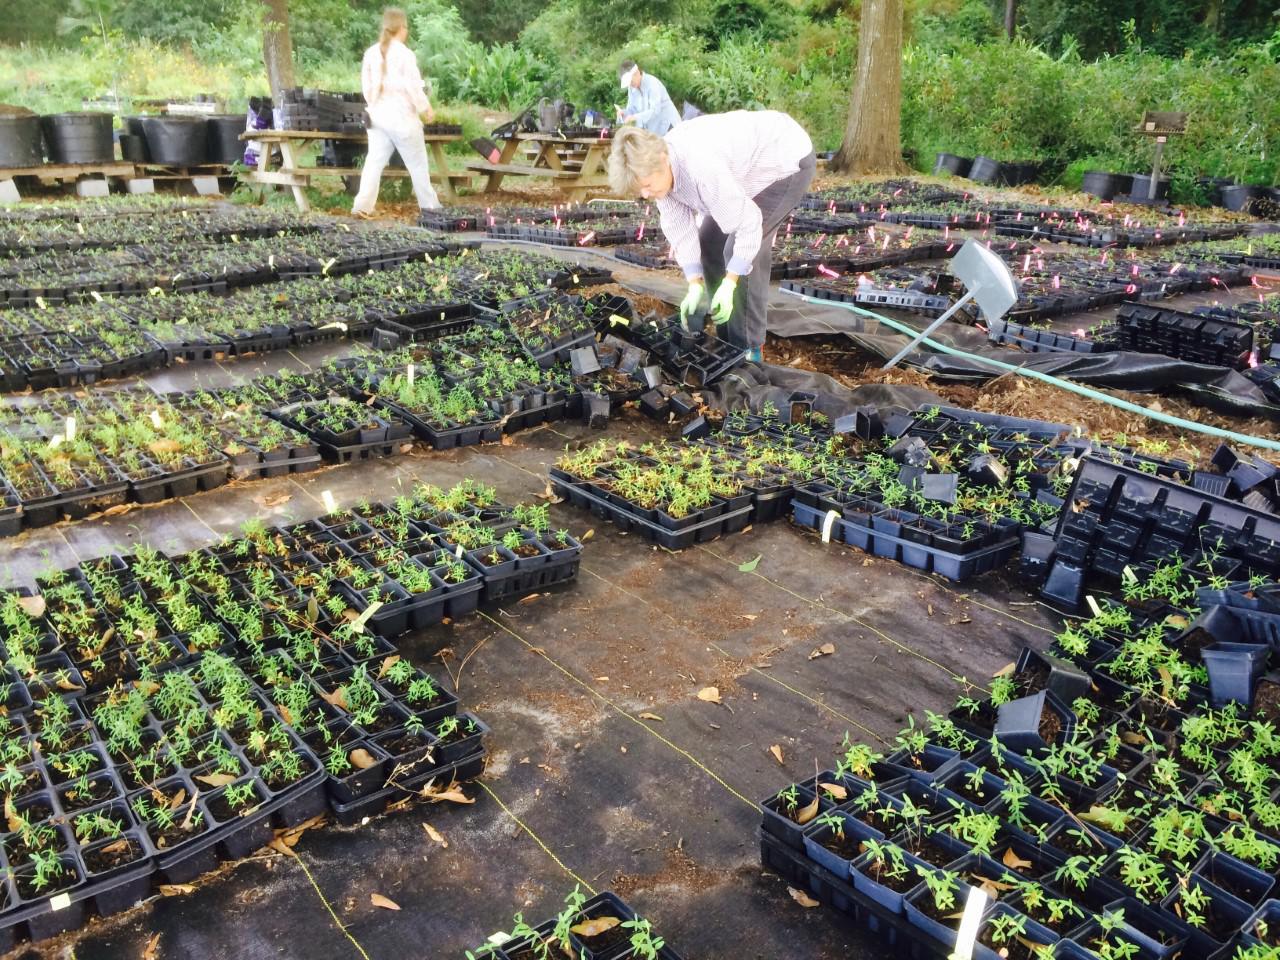 Woodlands hosting annual landscaping, gardening workshop Sept. 28